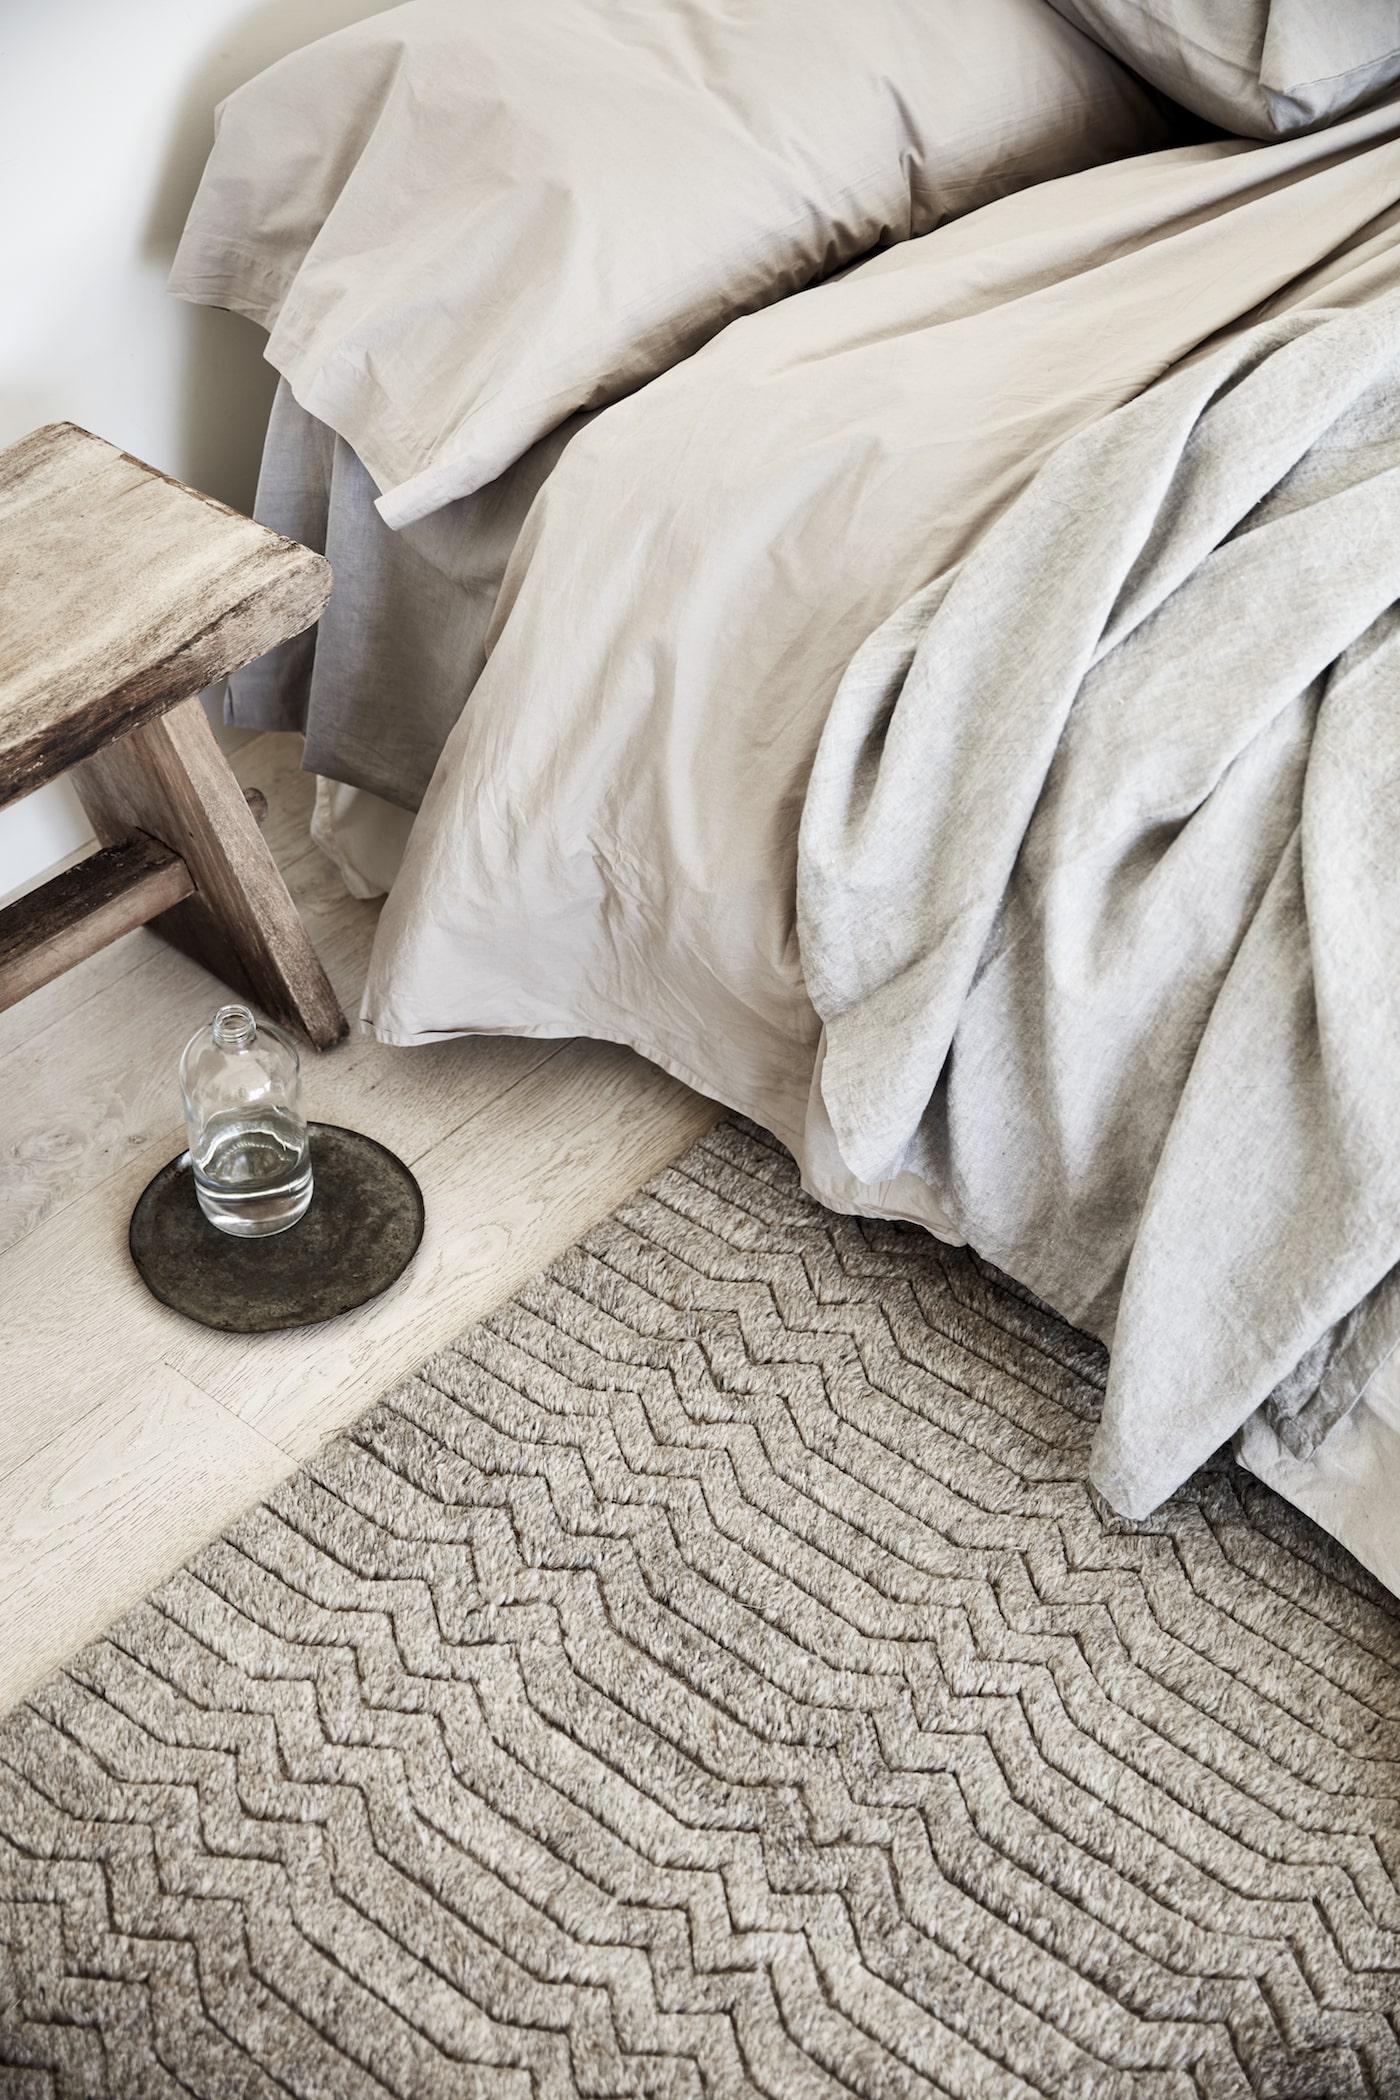 Grey rug on floor next to bed with grey bedlinen